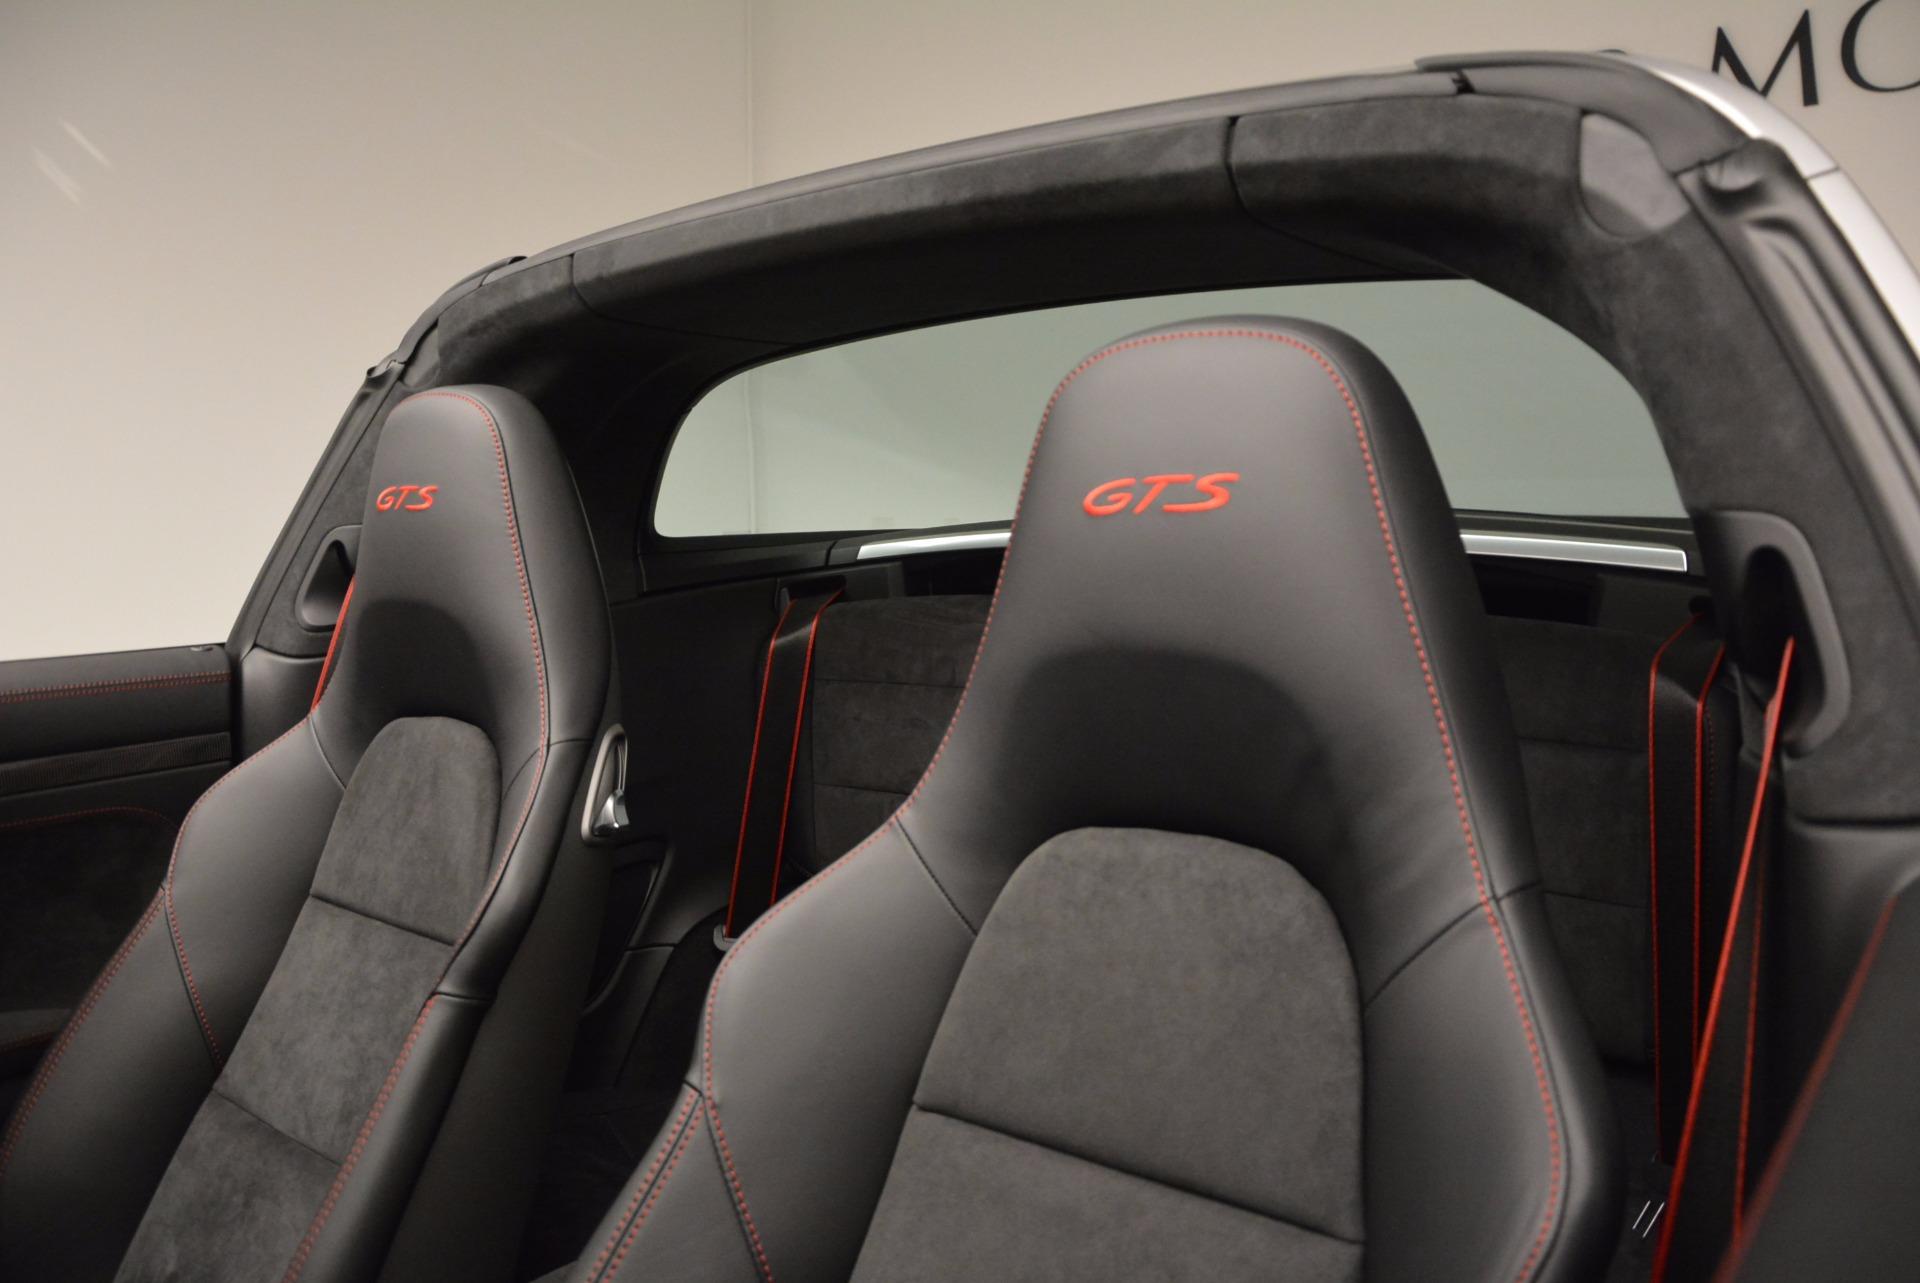 Used 2016 Porsche 911 Targa 4 GTS For Sale In Westport, CT 799_p26